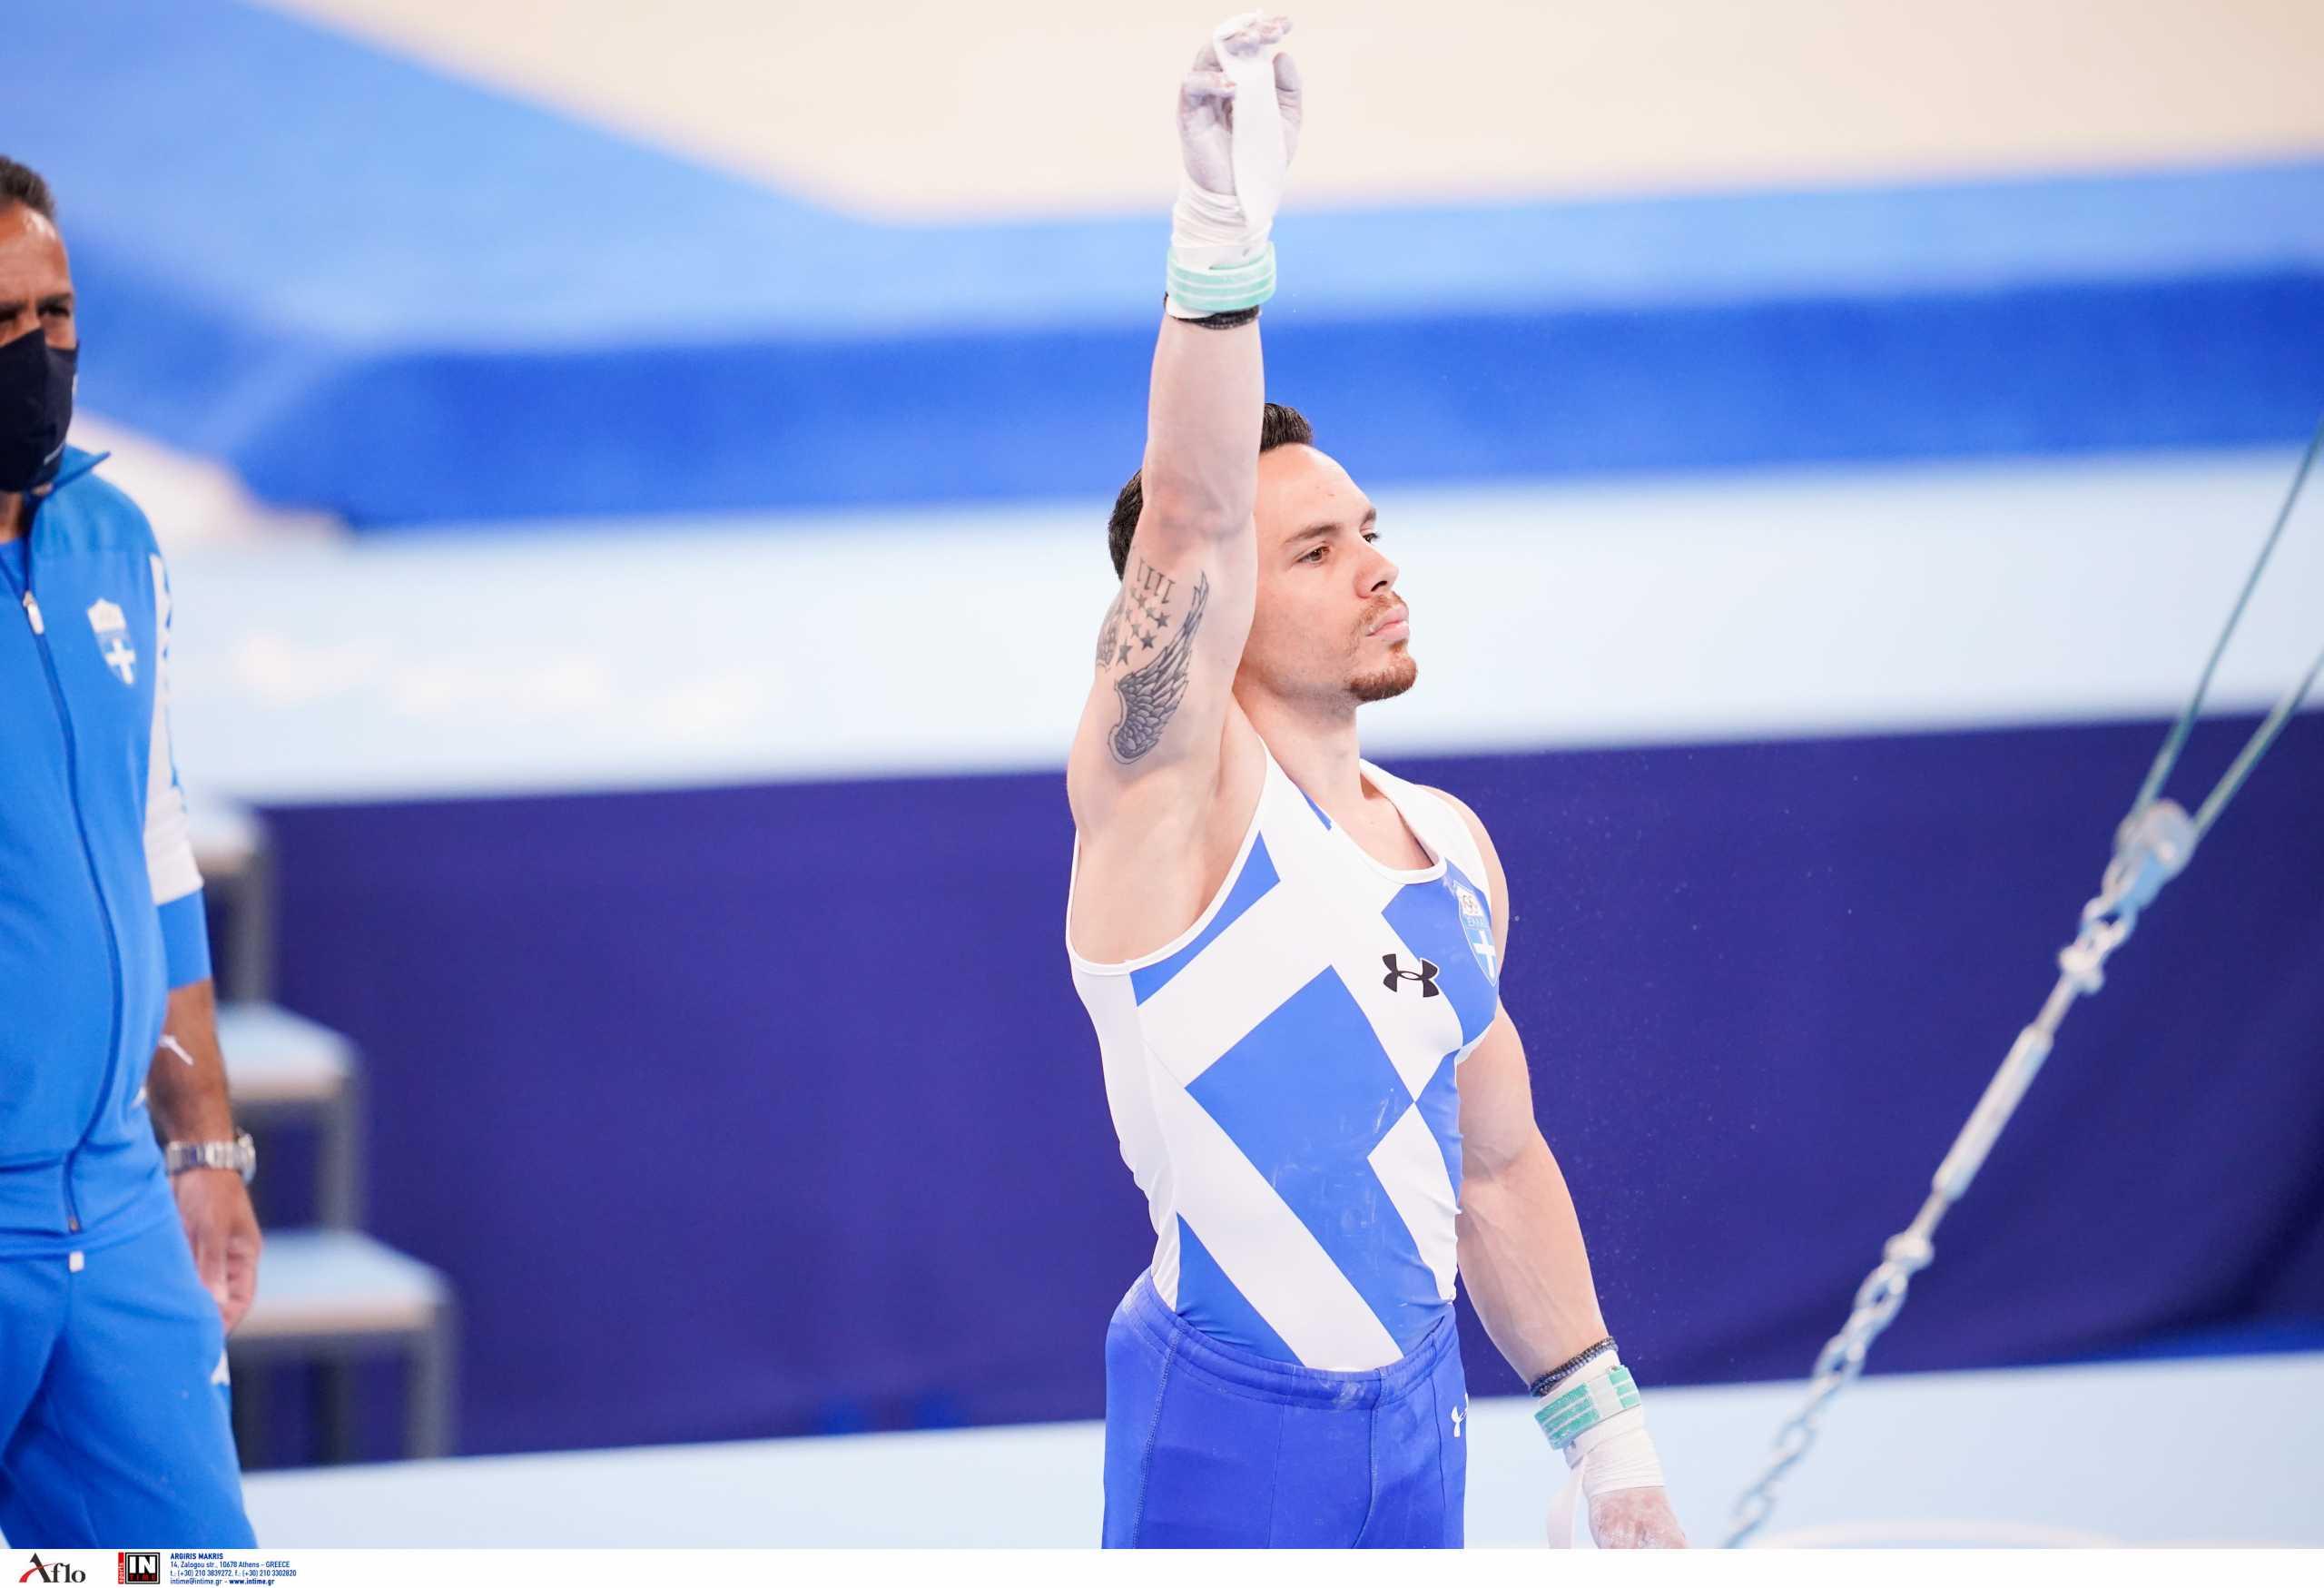 Ολυμπιακοί Αγώνες: Ο Λευτέρης Πετρούνιας κυνηγά «χρυσούς» κρίκους στον τελικό και ιστορικό repeat